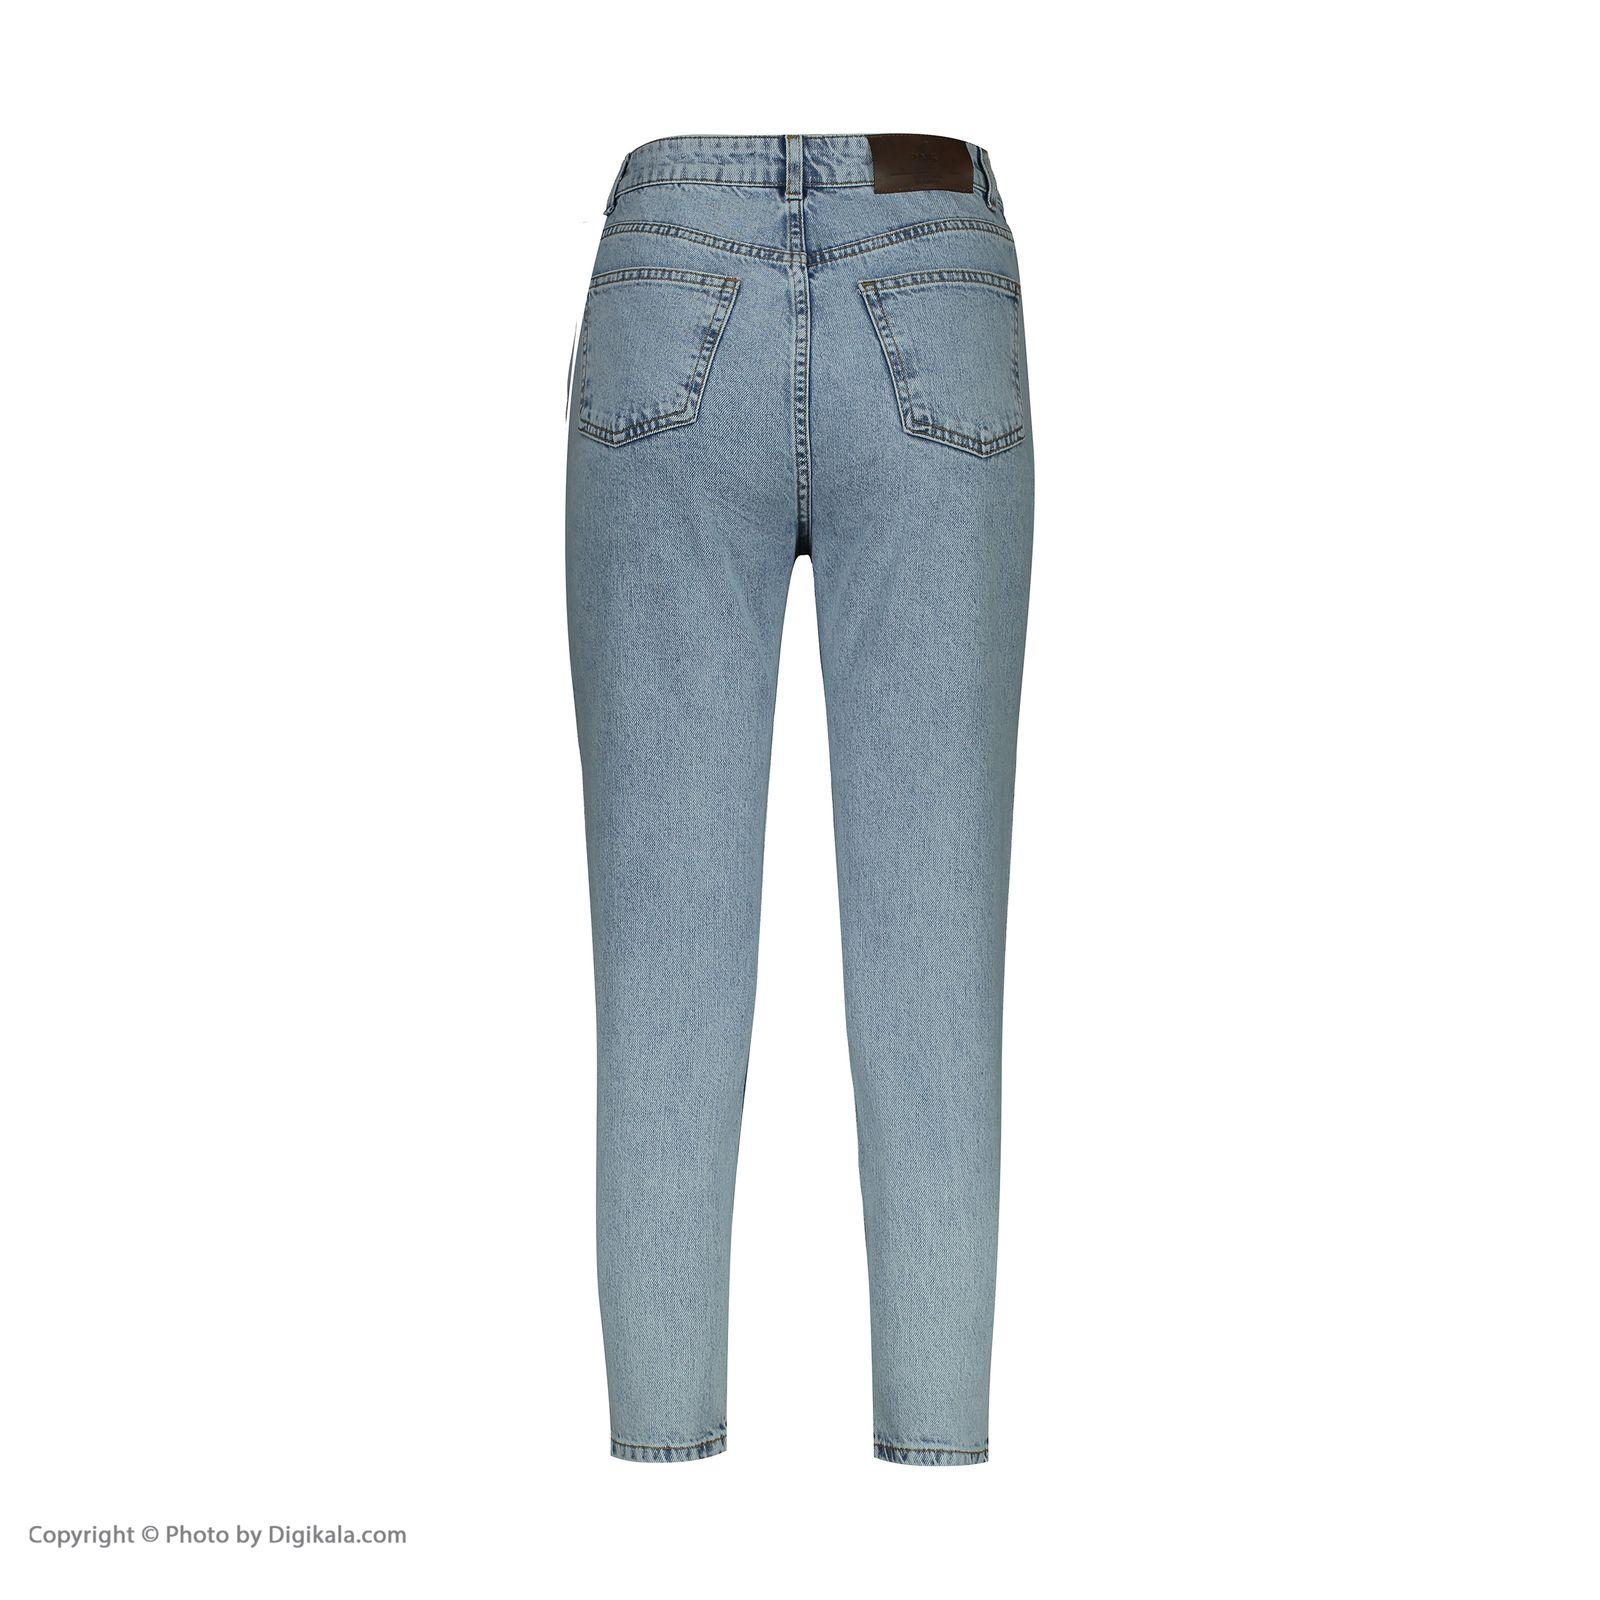 شلوار جین زنانه آر اِن اِس مدل 104128-50 -  - 4